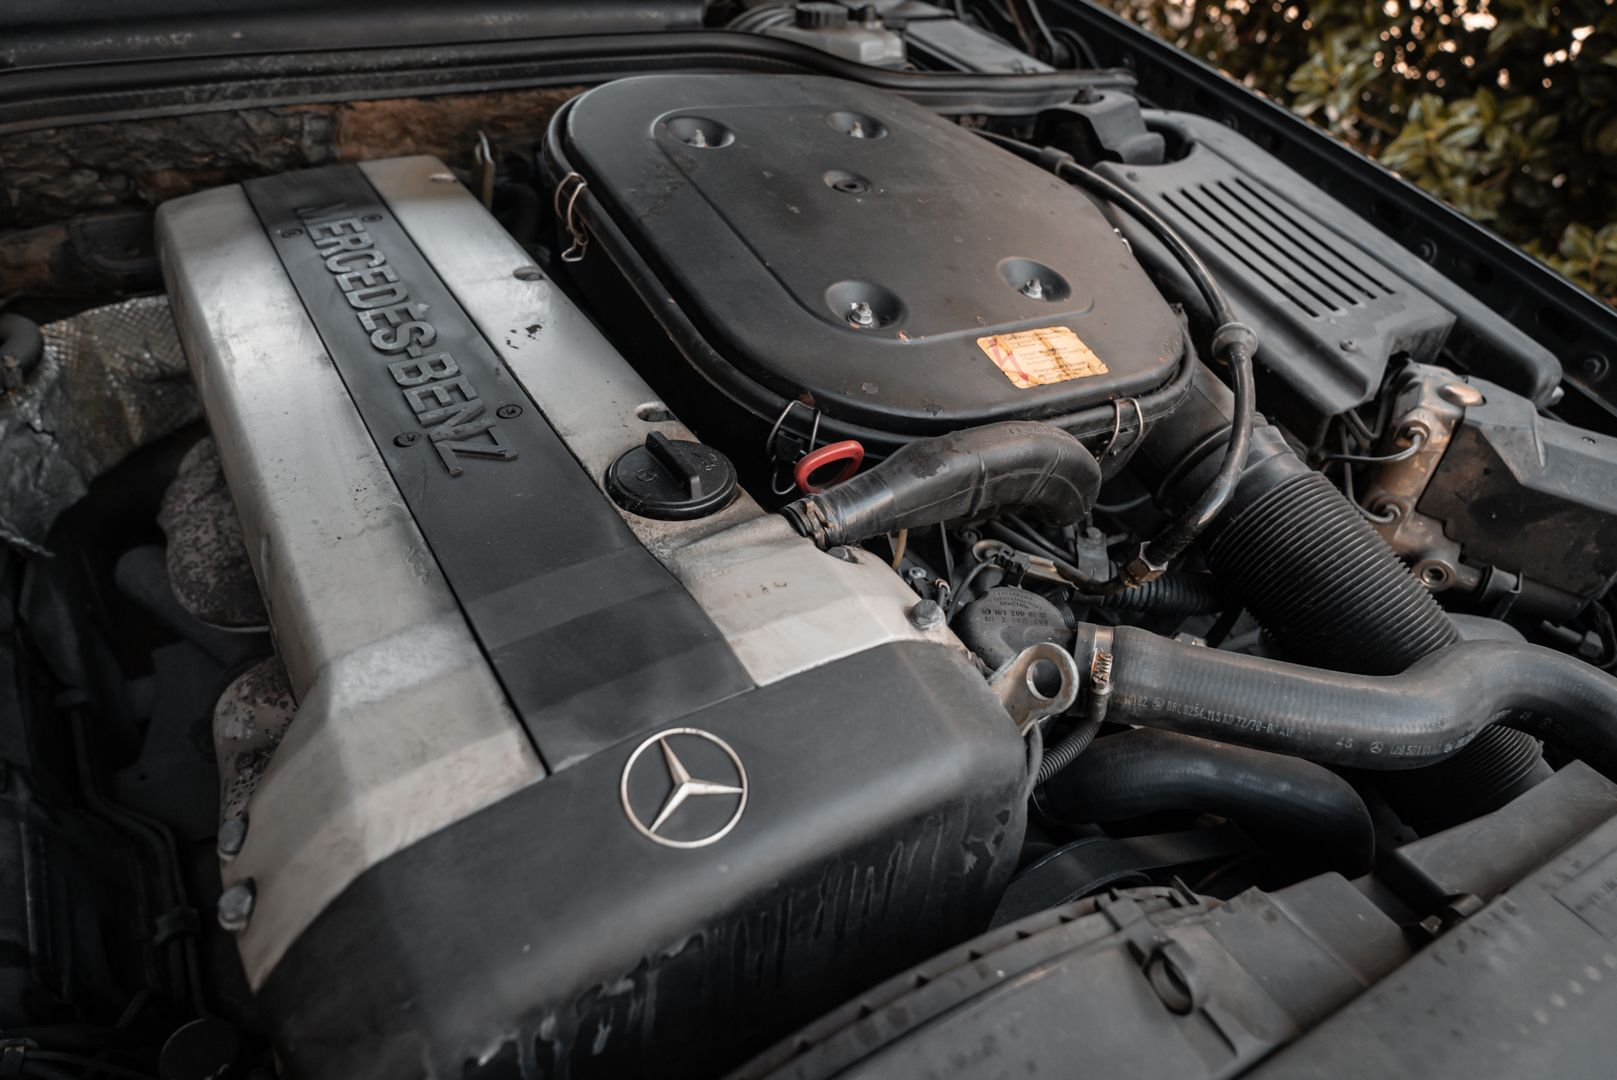 1992 Mercedes Benz 300 SL 24 V 80647